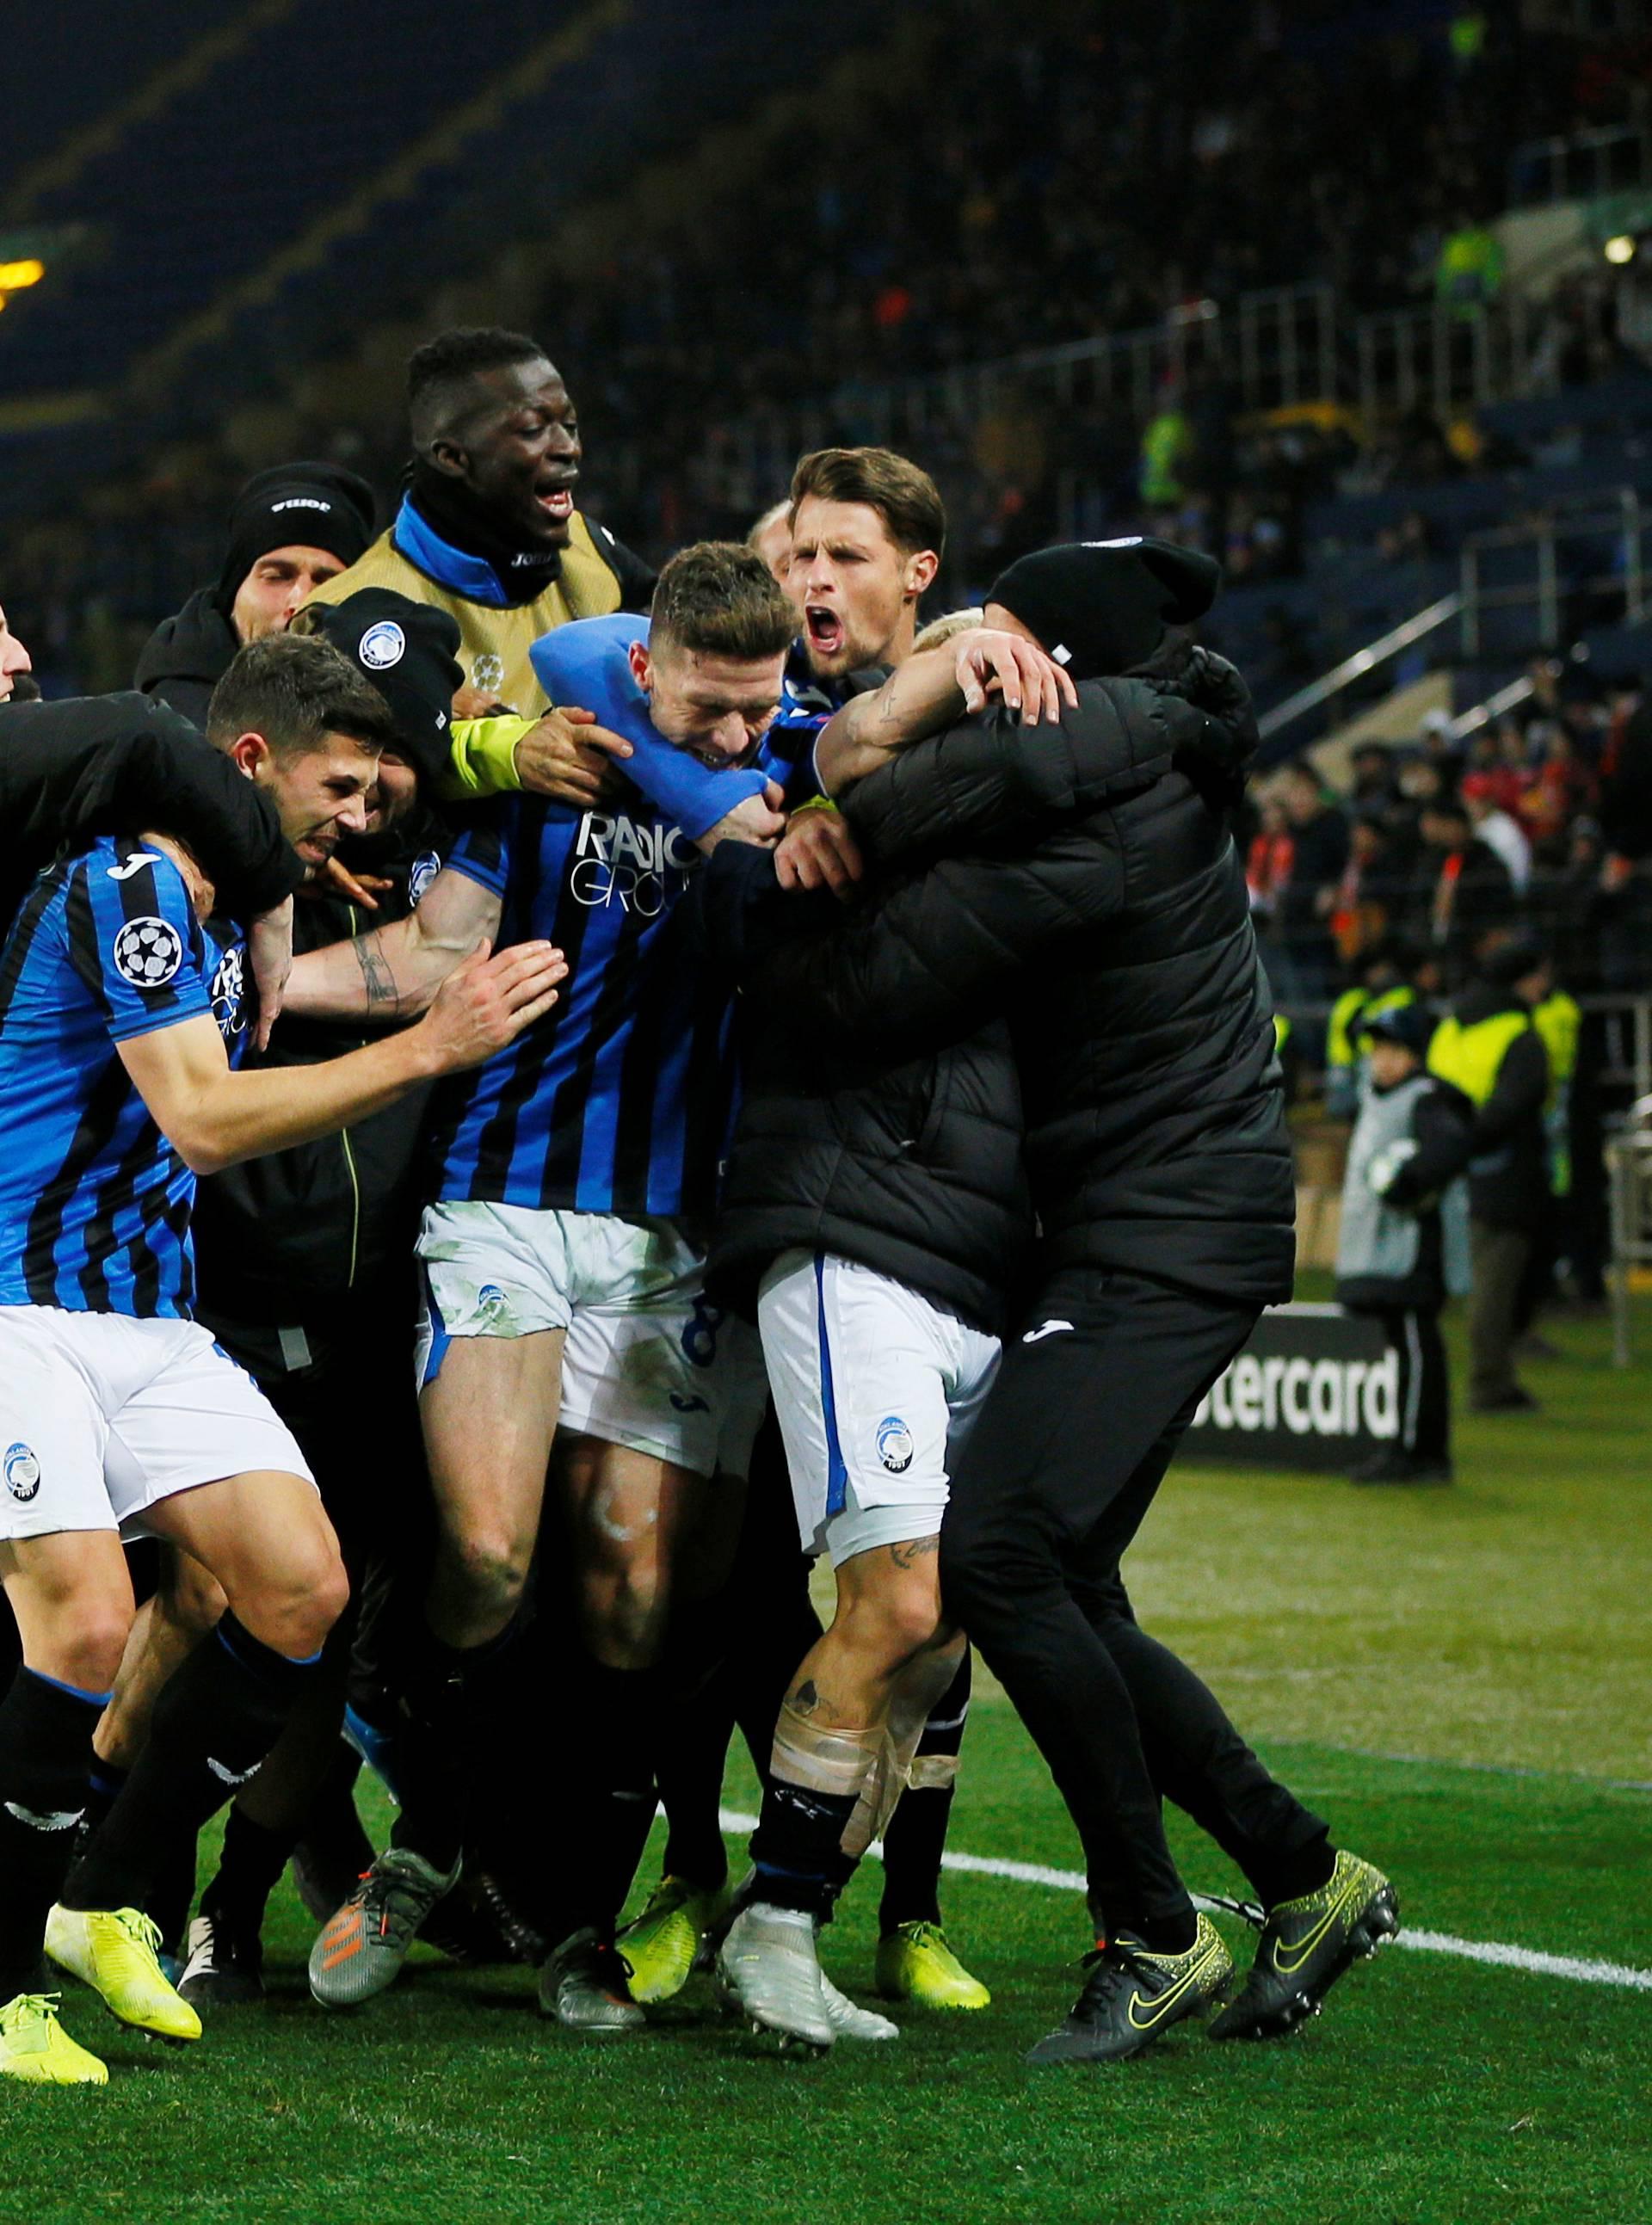 Atalanta prva koja je prošla, a da je izgubila prve tri utakmice